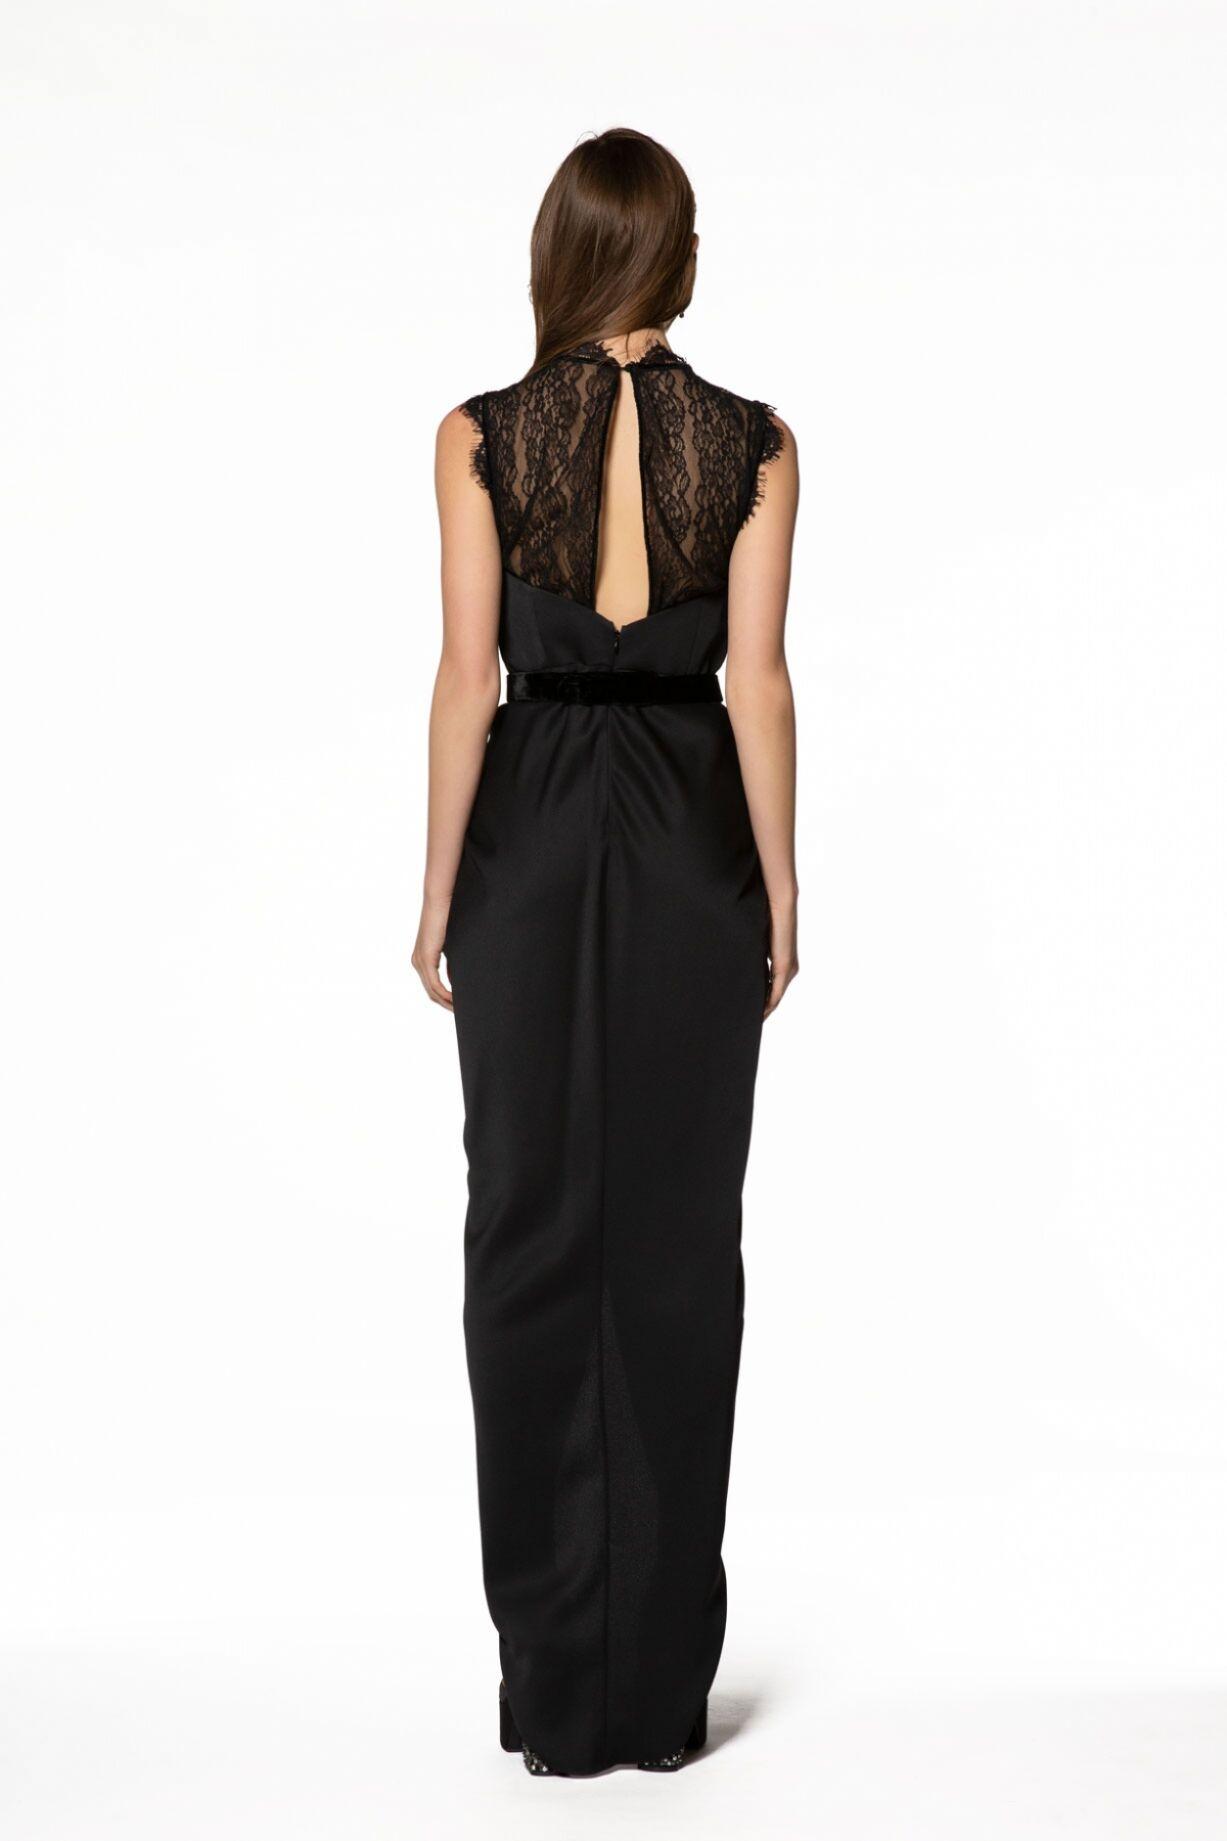 Dantel Detaylı Uzun Siyah Elbise